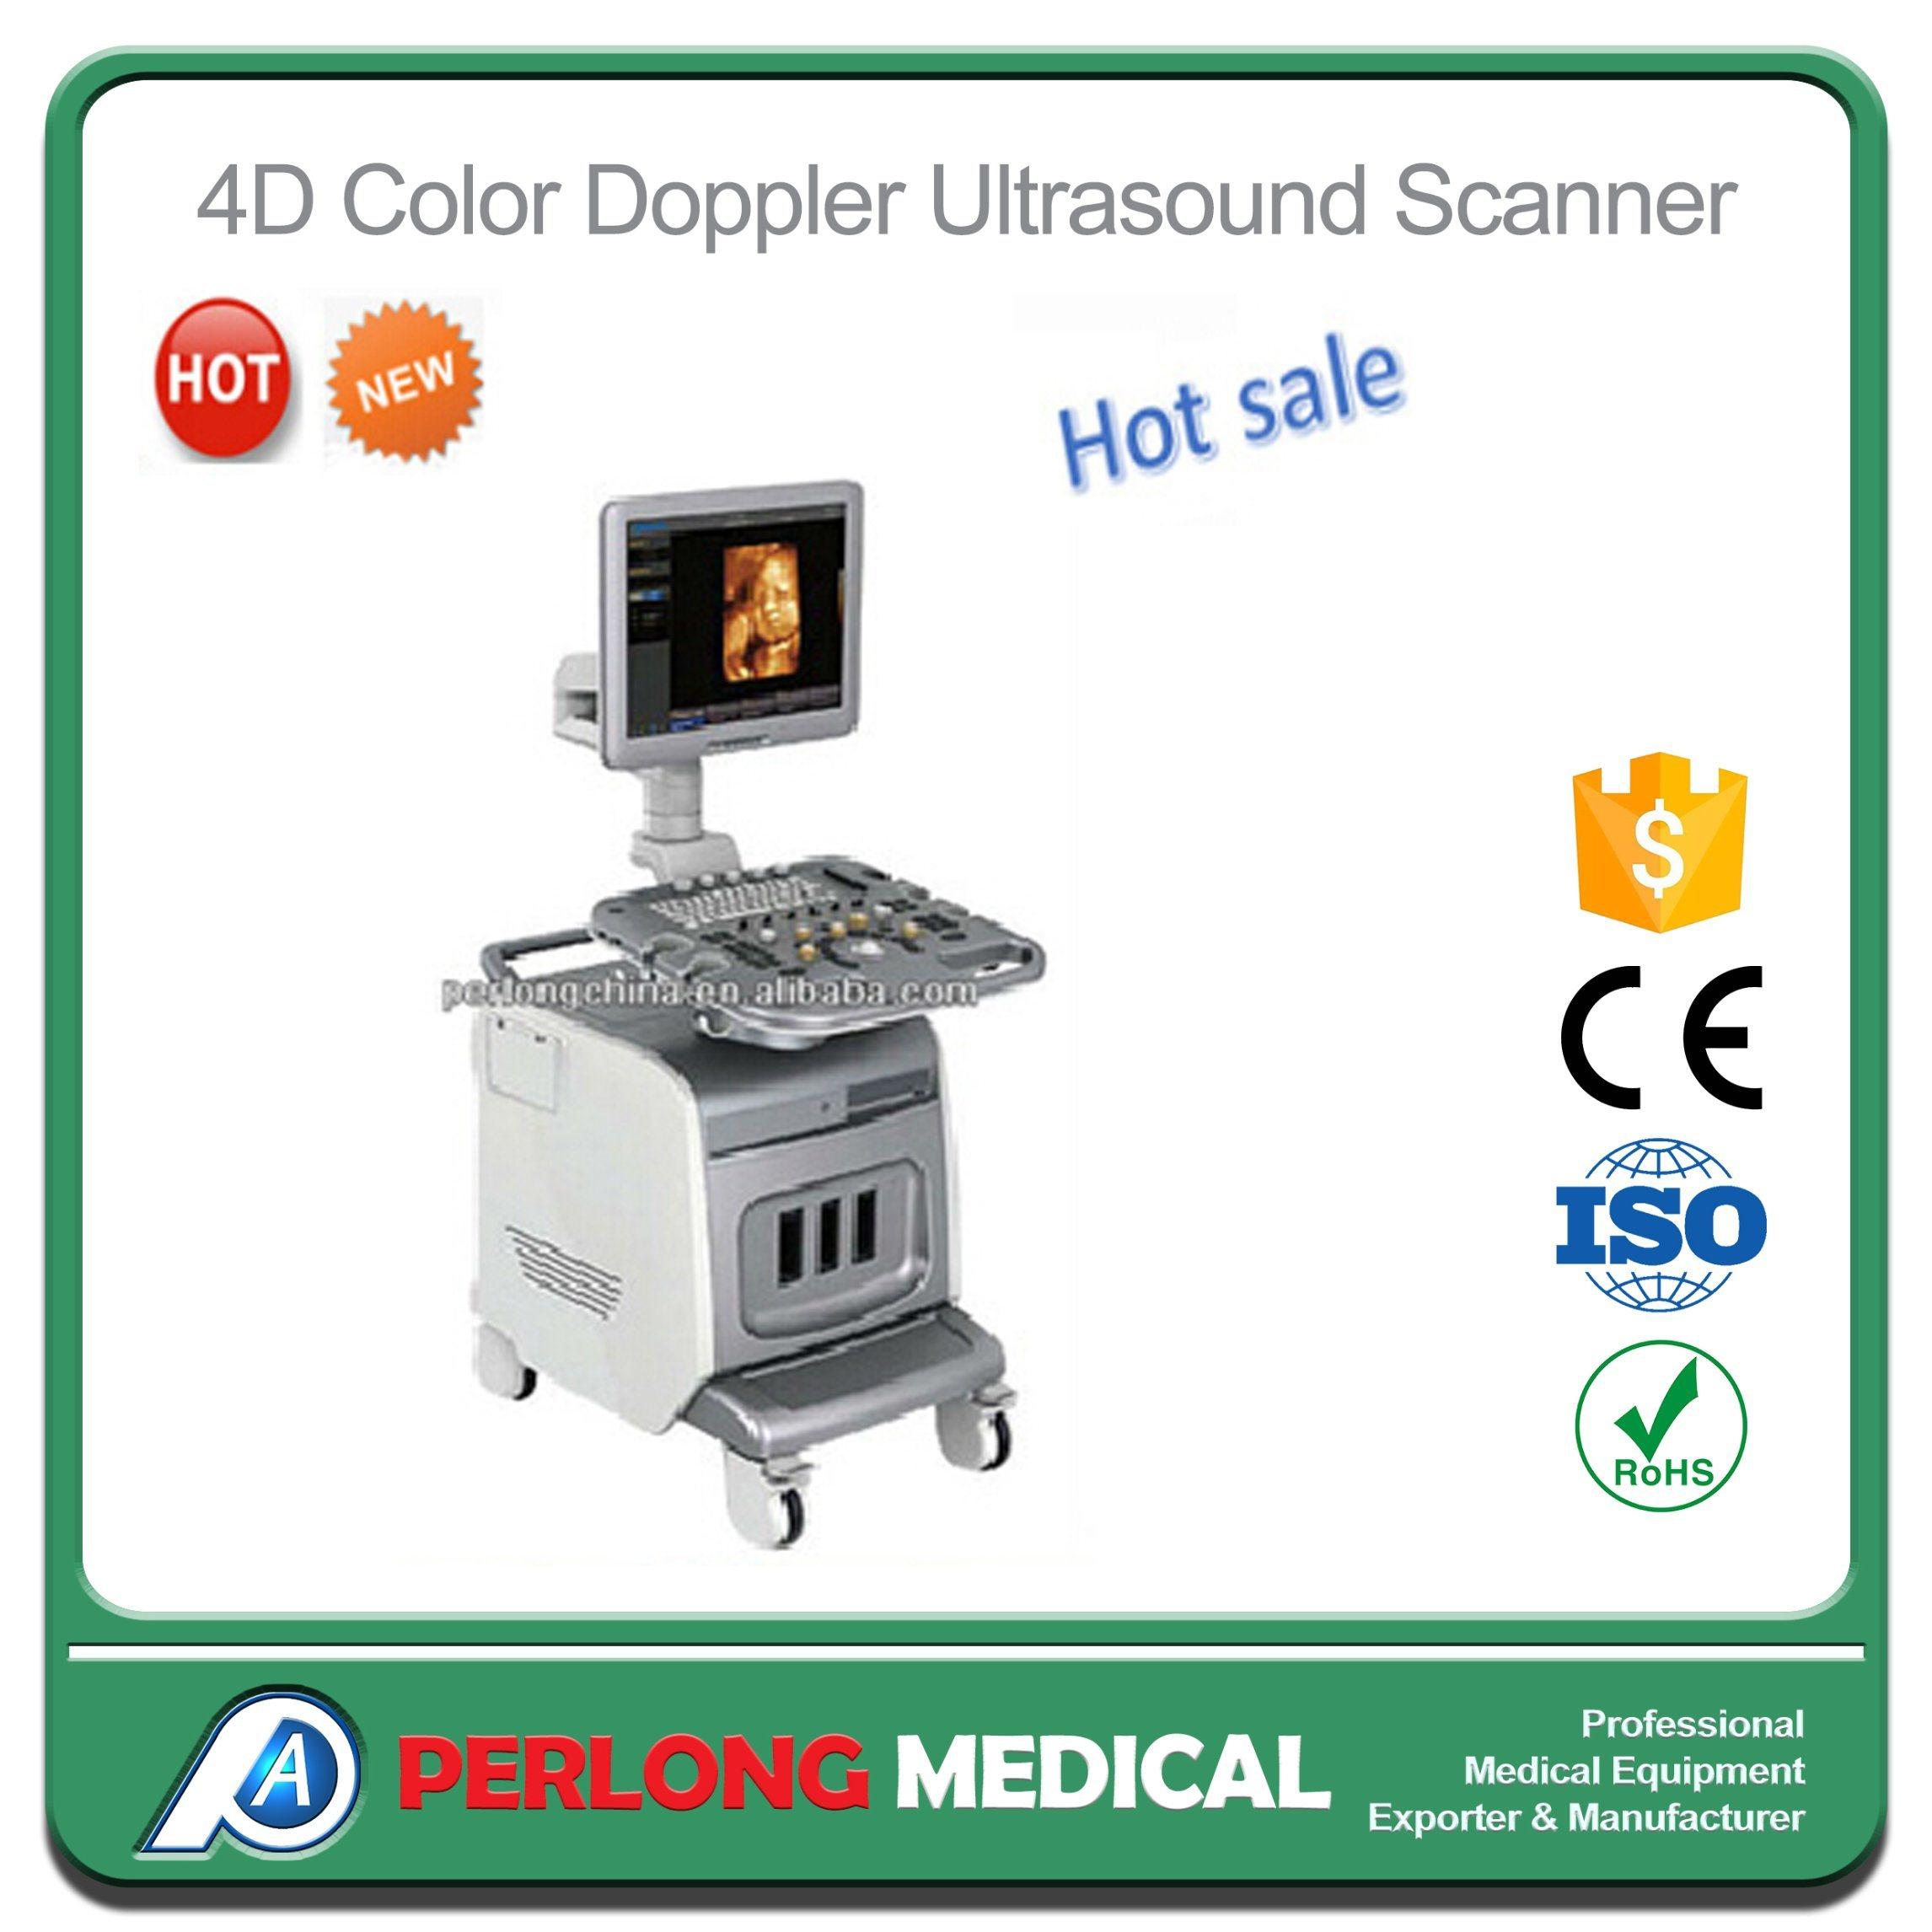 PT400 4D Color Doppler/Ultrasound Scanner